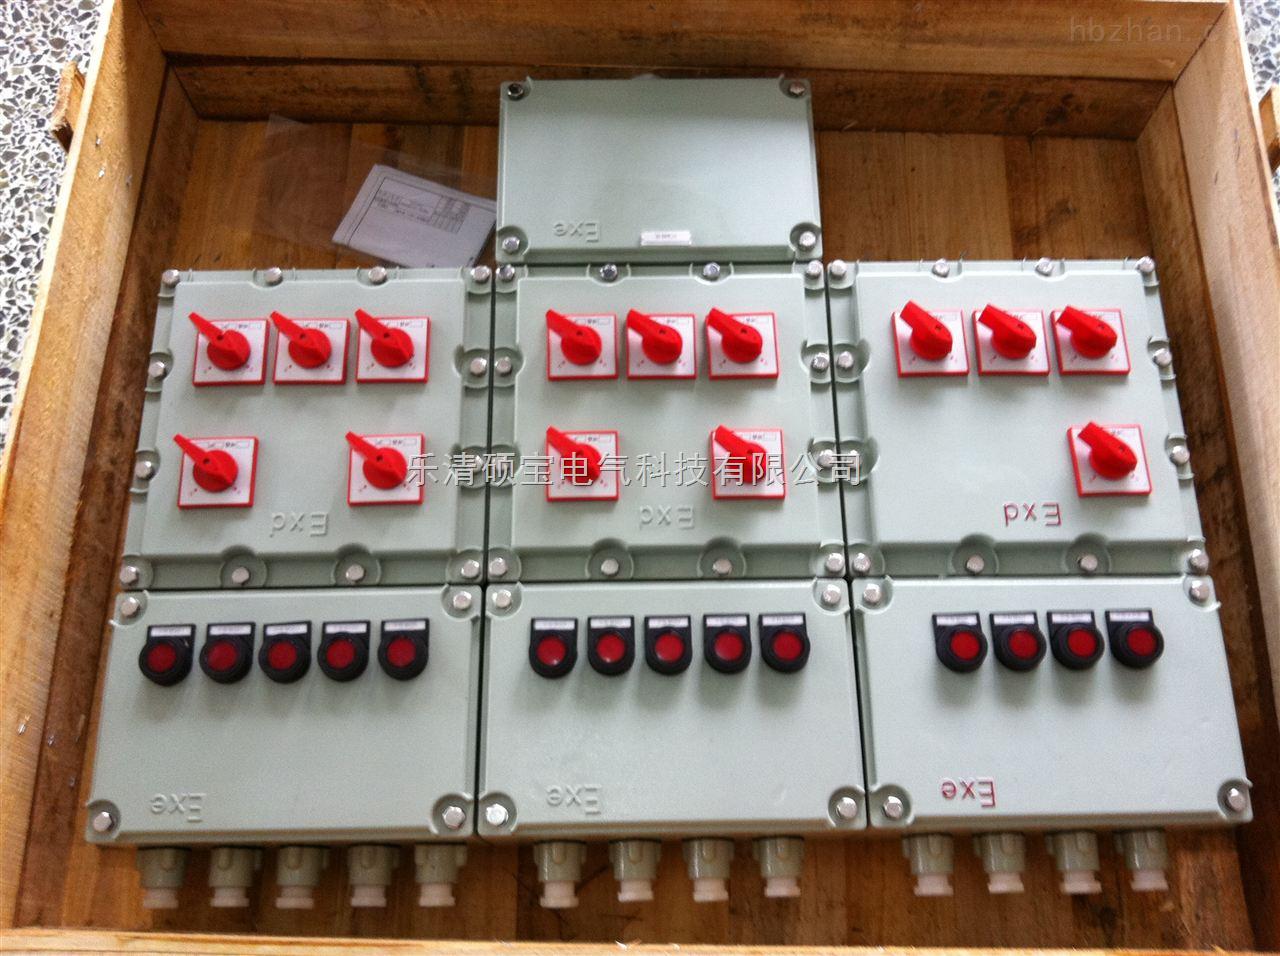 BXM(D)53防爆照明(动力)配电箱/防爆配电箱厂家报价(IIB、IIC)